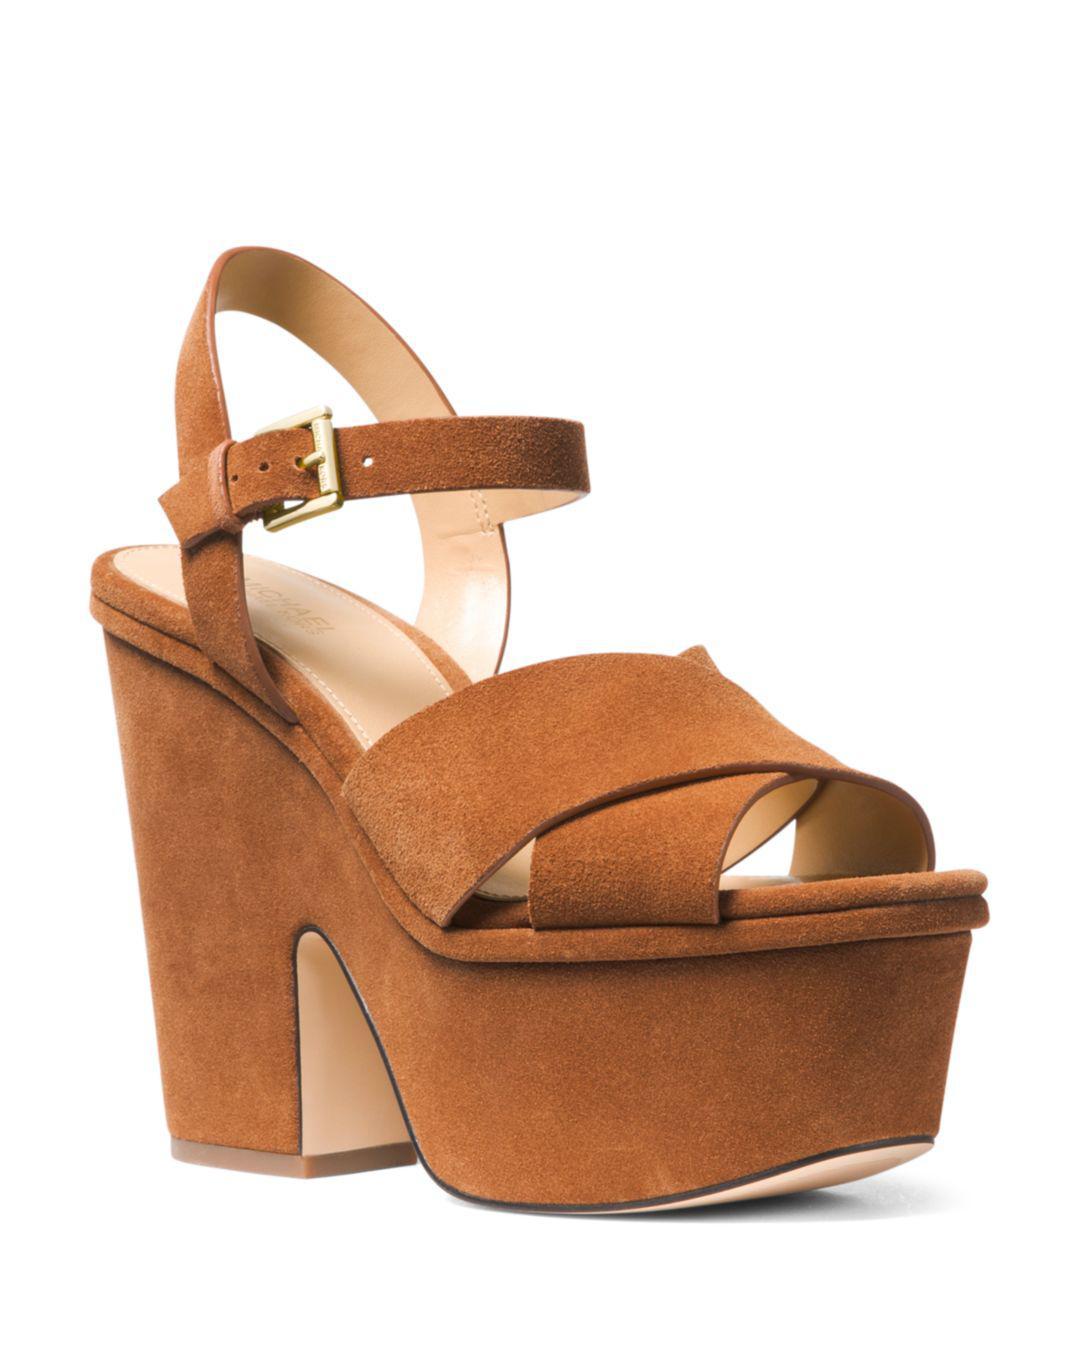 6a640461f698 MICHAEL Michael Kors. Brown Women s Divia Open-toe Platform Suede Wedge  Heel Sandals